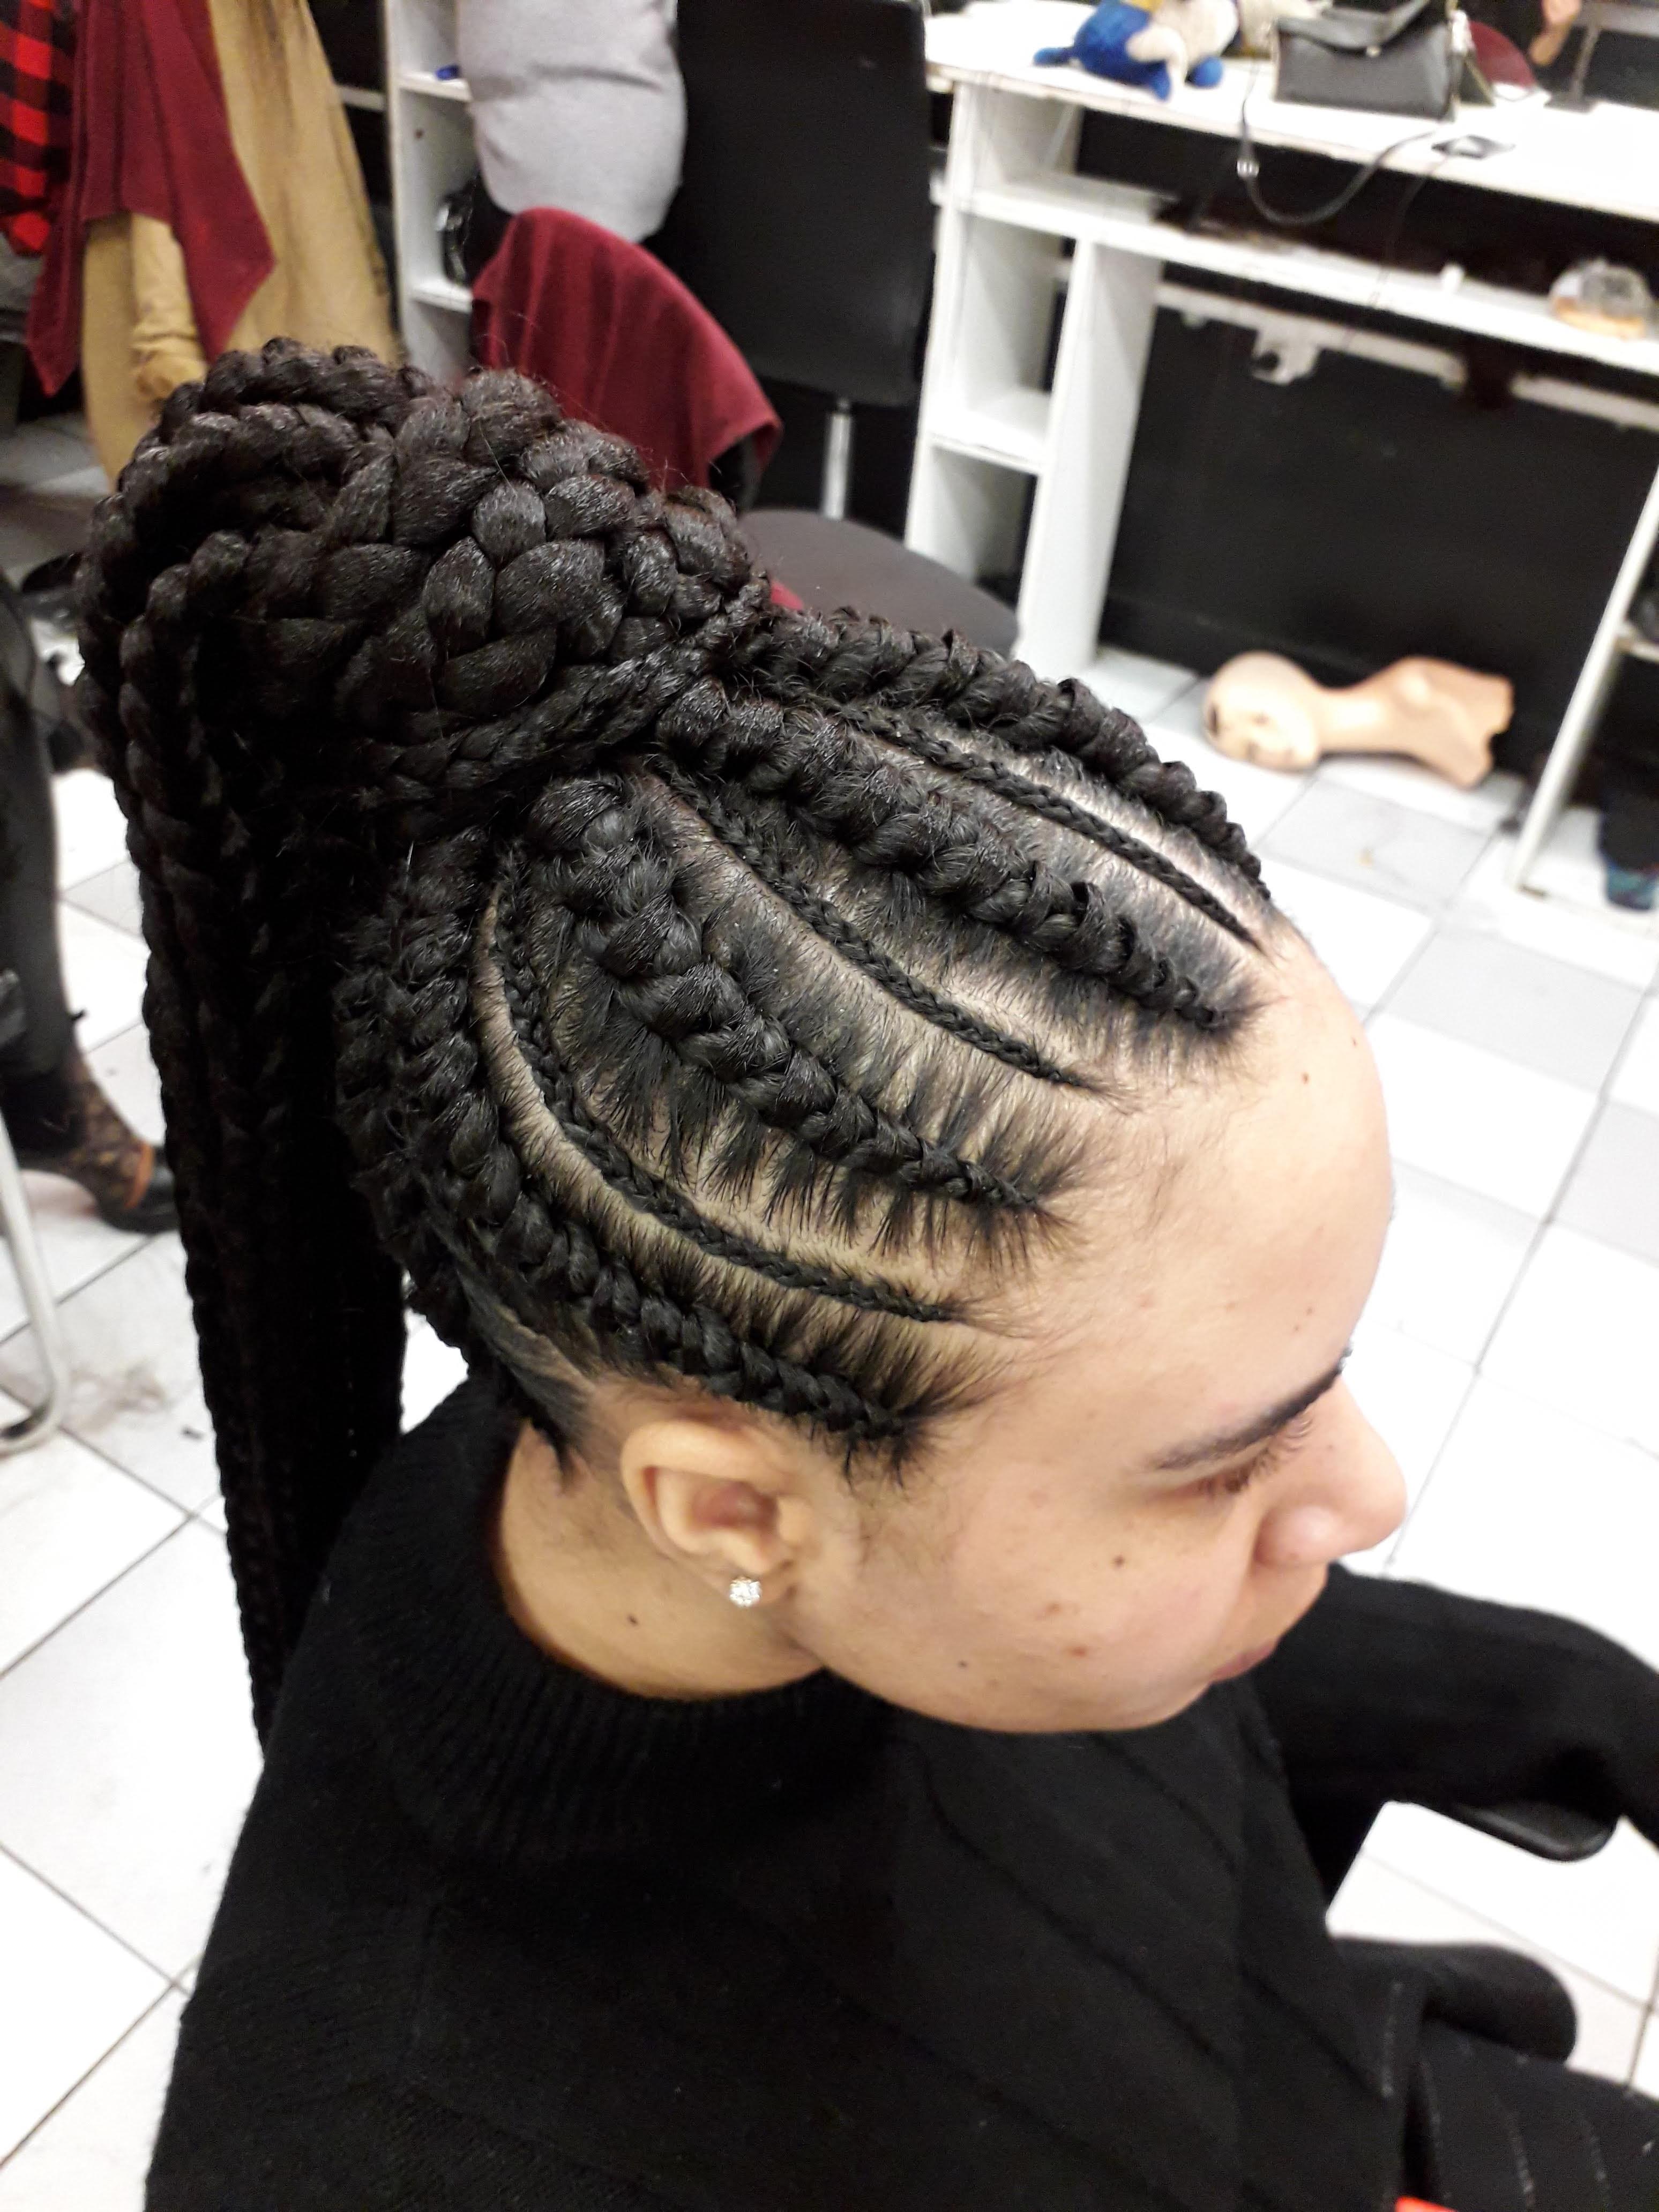 salon de coiffure afro tresse tresses box braids crochet braids vanilles tissages paris 75 77 78 91 92 93 94 95 FBLFLCAY